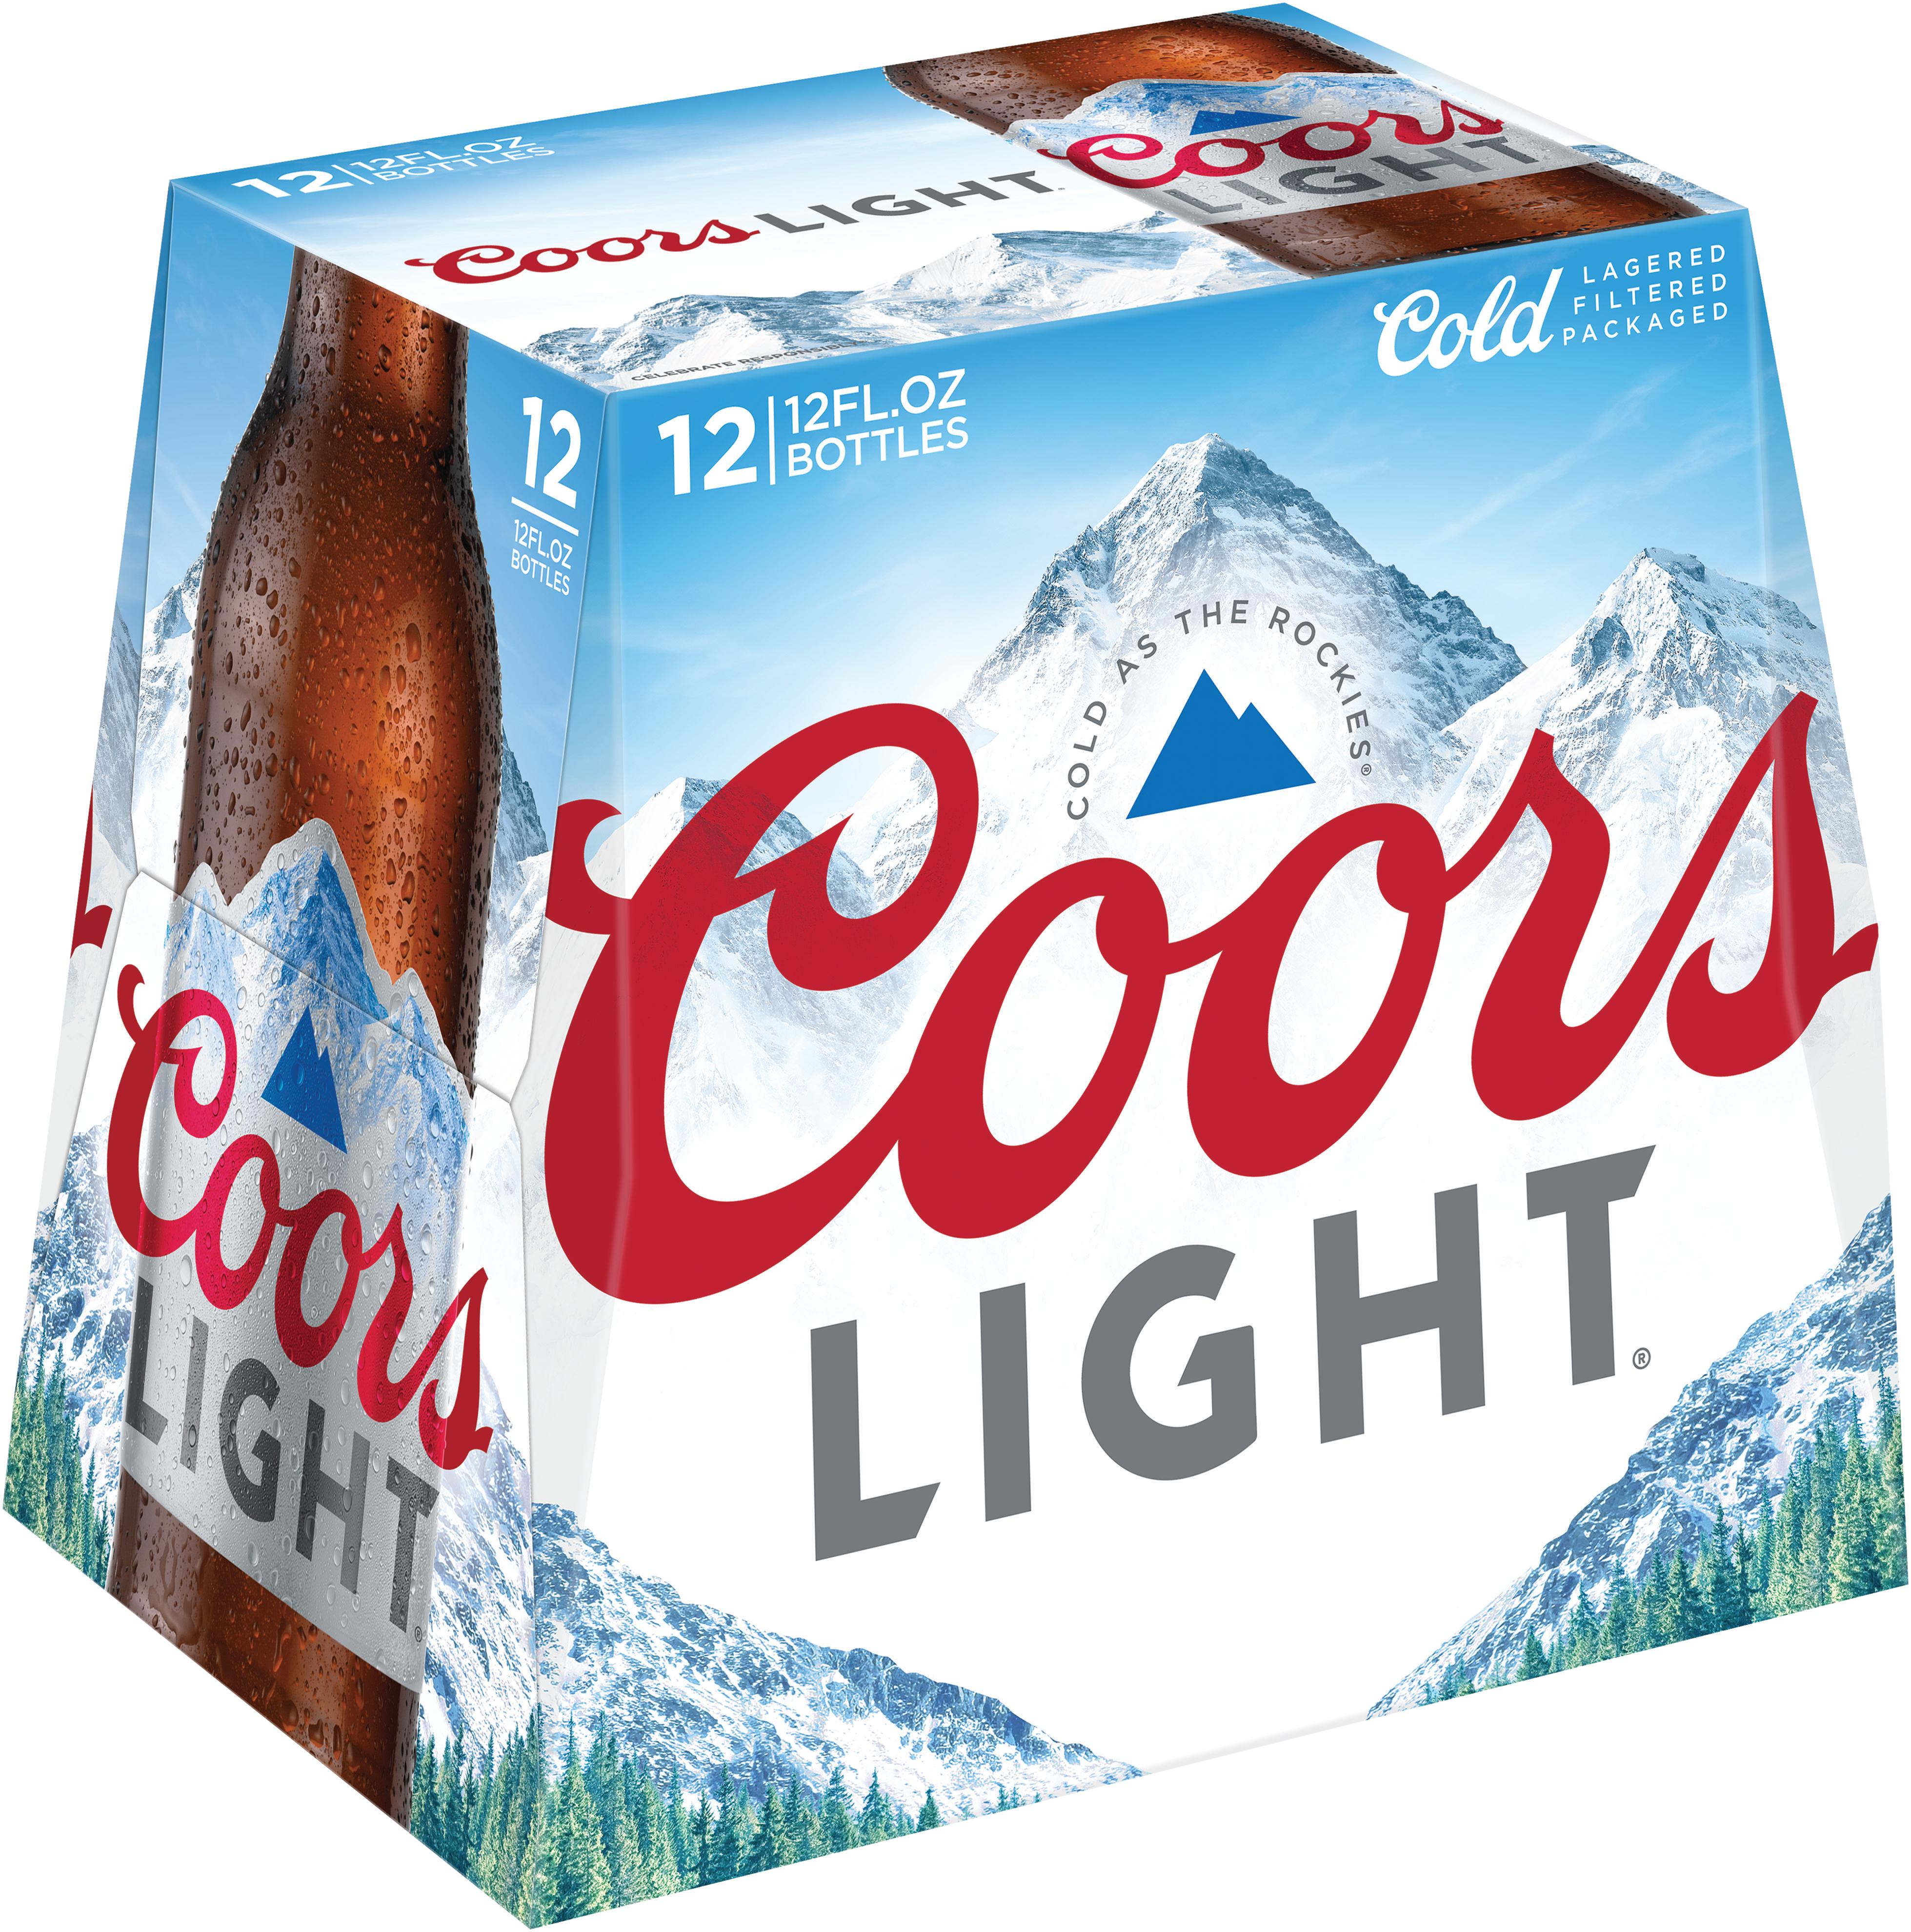 Coors Light Delivered Cold 12 Pack Glass Bottles 12 Fl Oz Coors Light